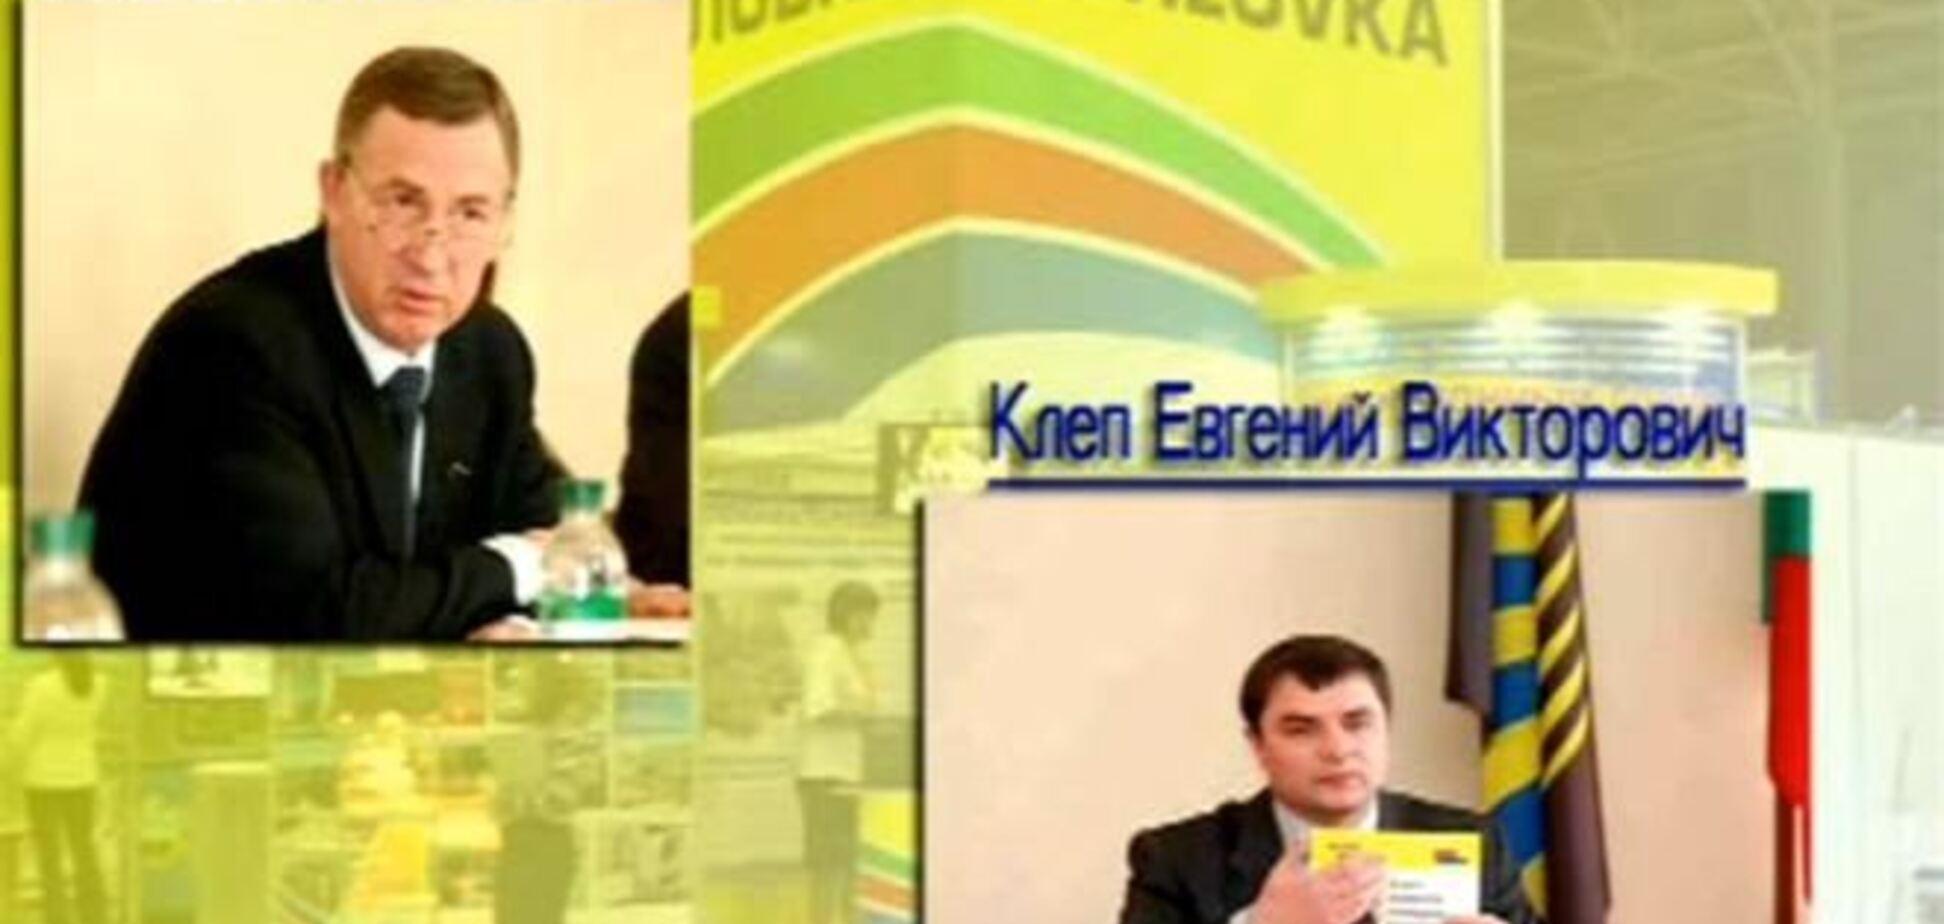 Скандал в Горловке: зам обвиняет мэра в отмывании денег